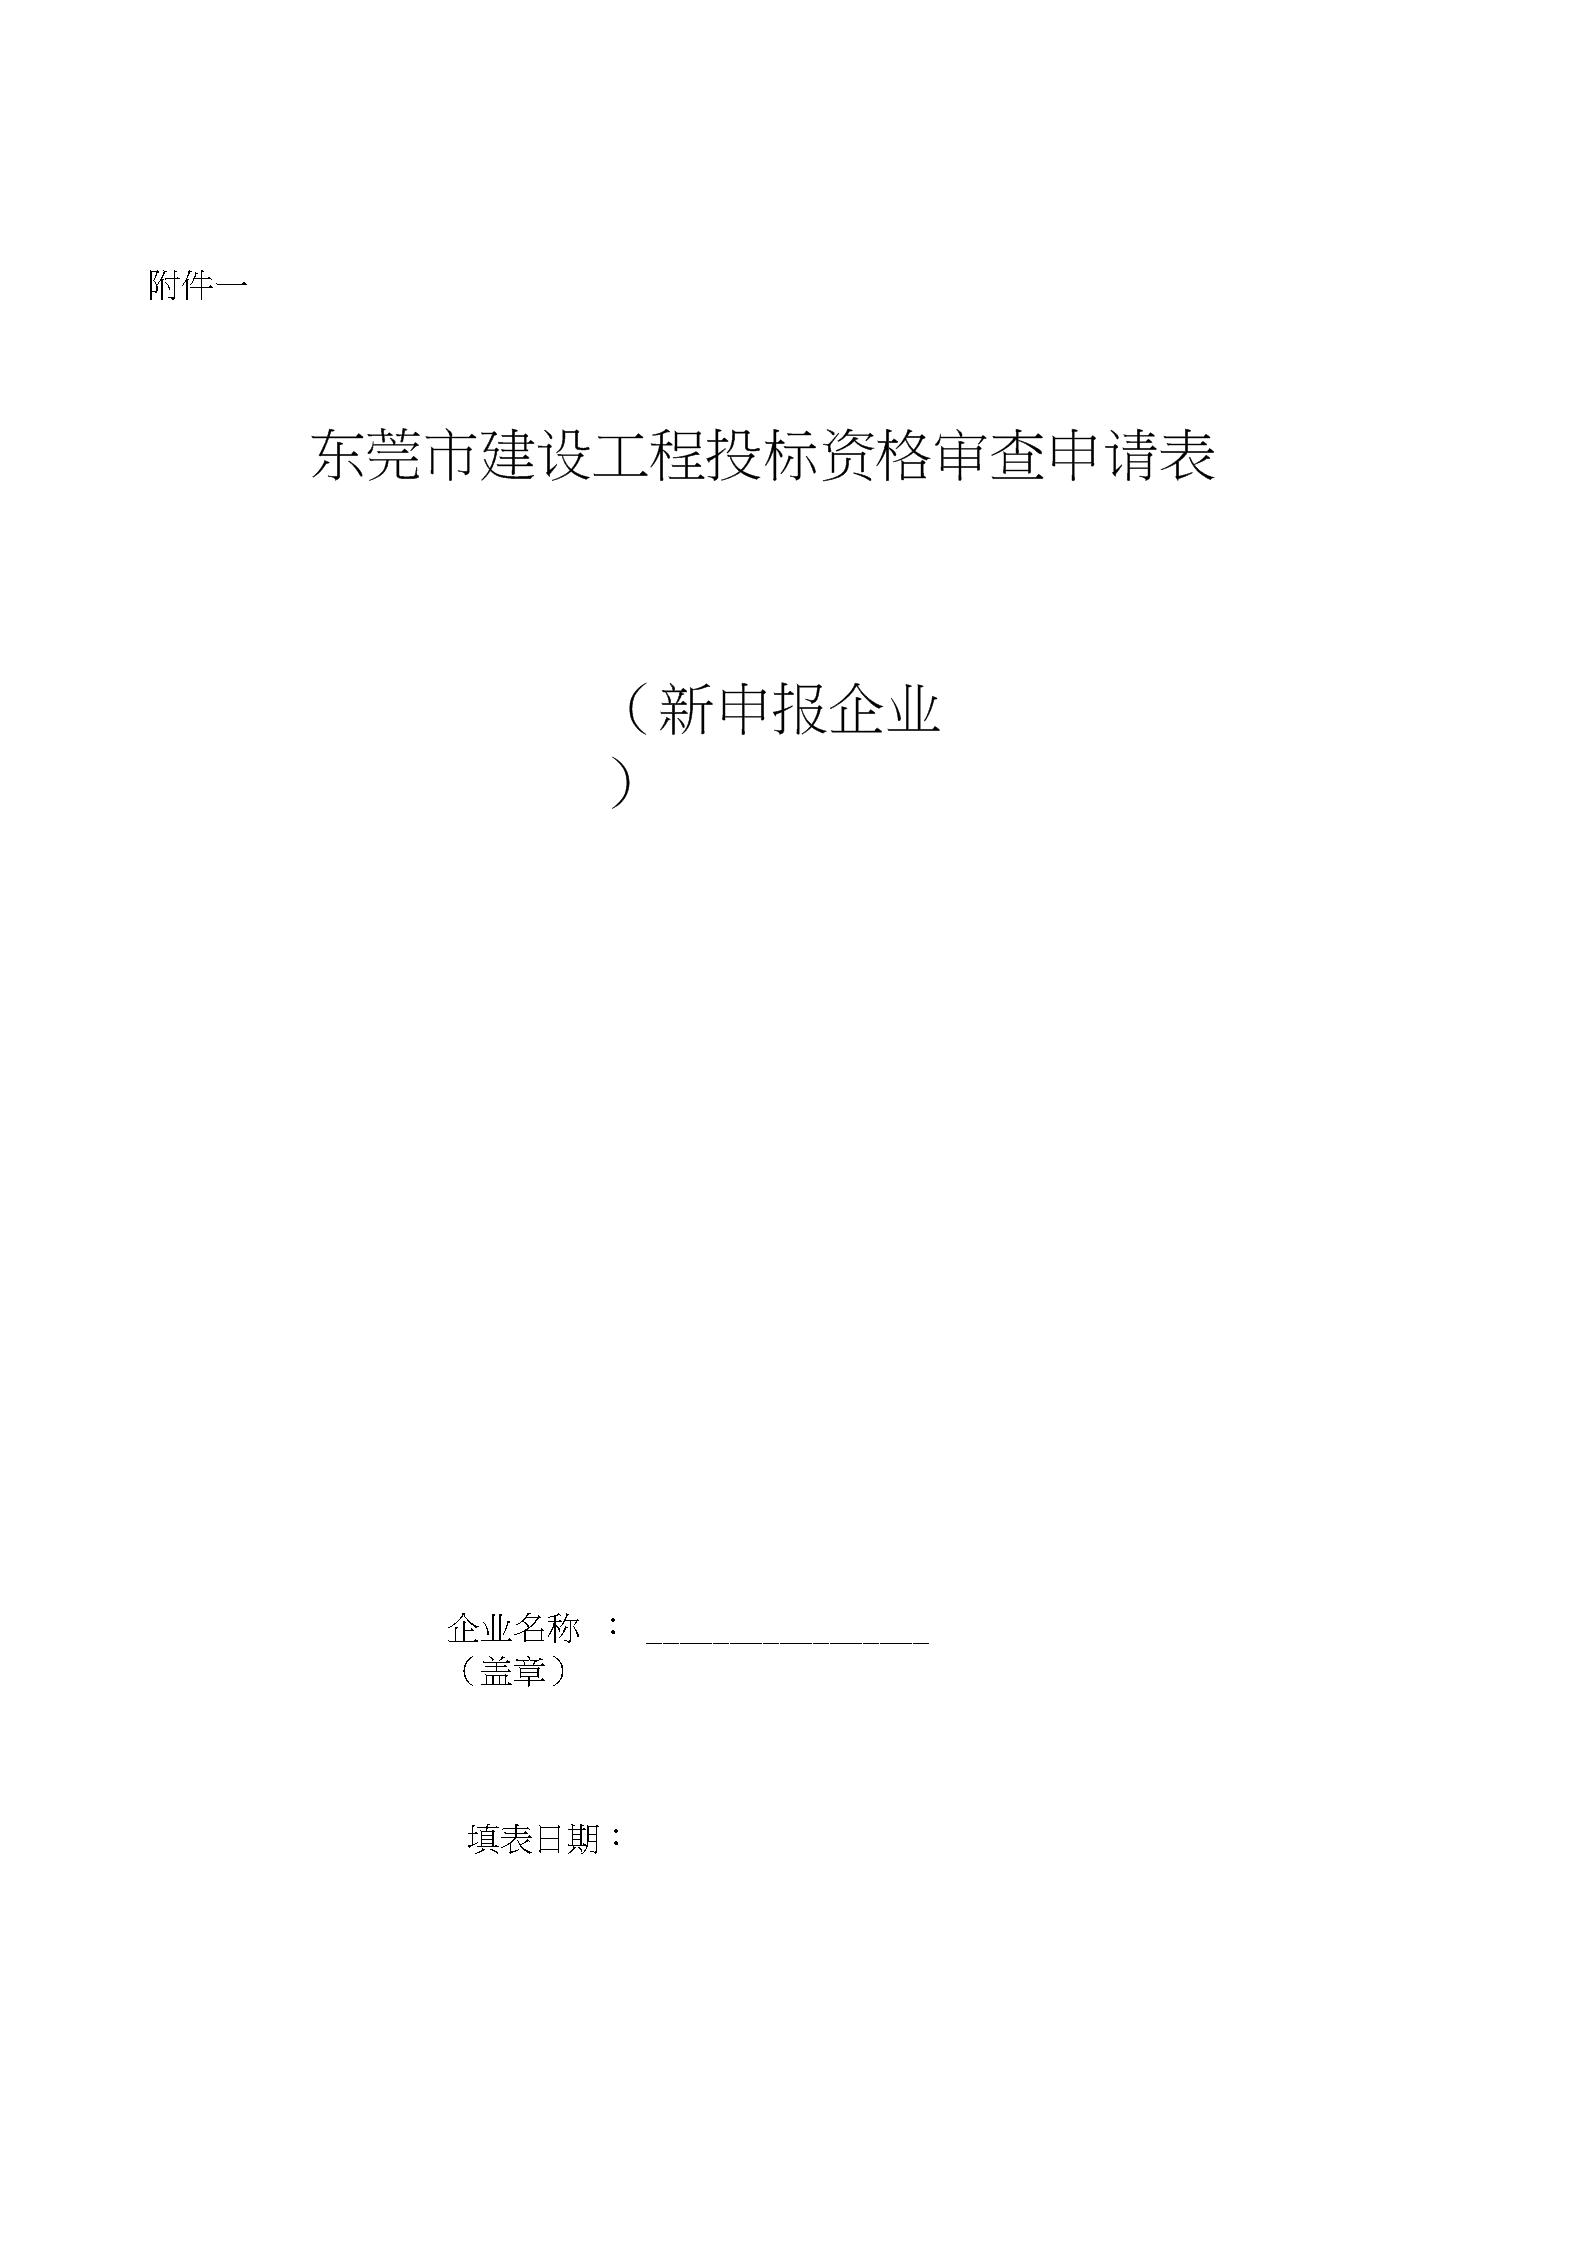 东莞市建设工程投标资格审查申请表.docx